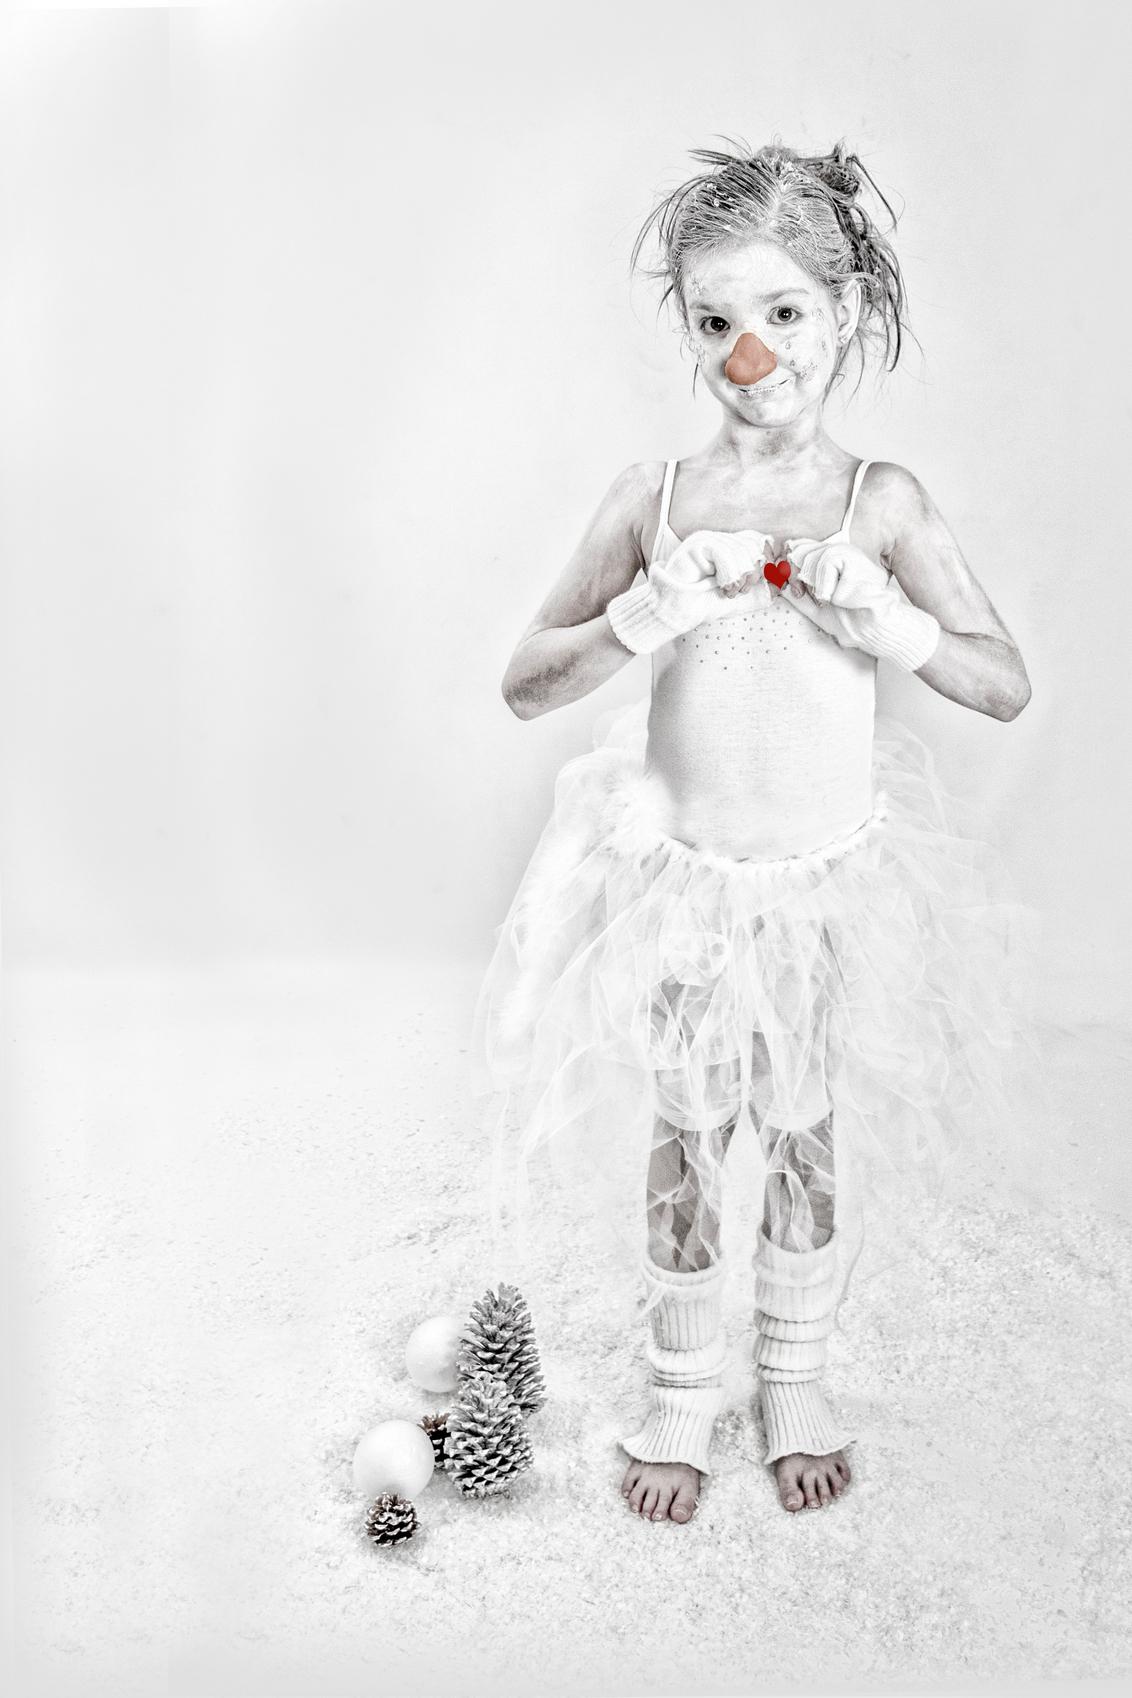 Sneeuwman Britt - Gisteren weer druk bezig geweest met het maken van de kerstkaart... Maar ik kan niet kiezen welke ik ga gebruiken.. - foto door jackyduck op 09-12-2013 - deze foto bevat: wit, kerst, winter, appel, kind, kinderen